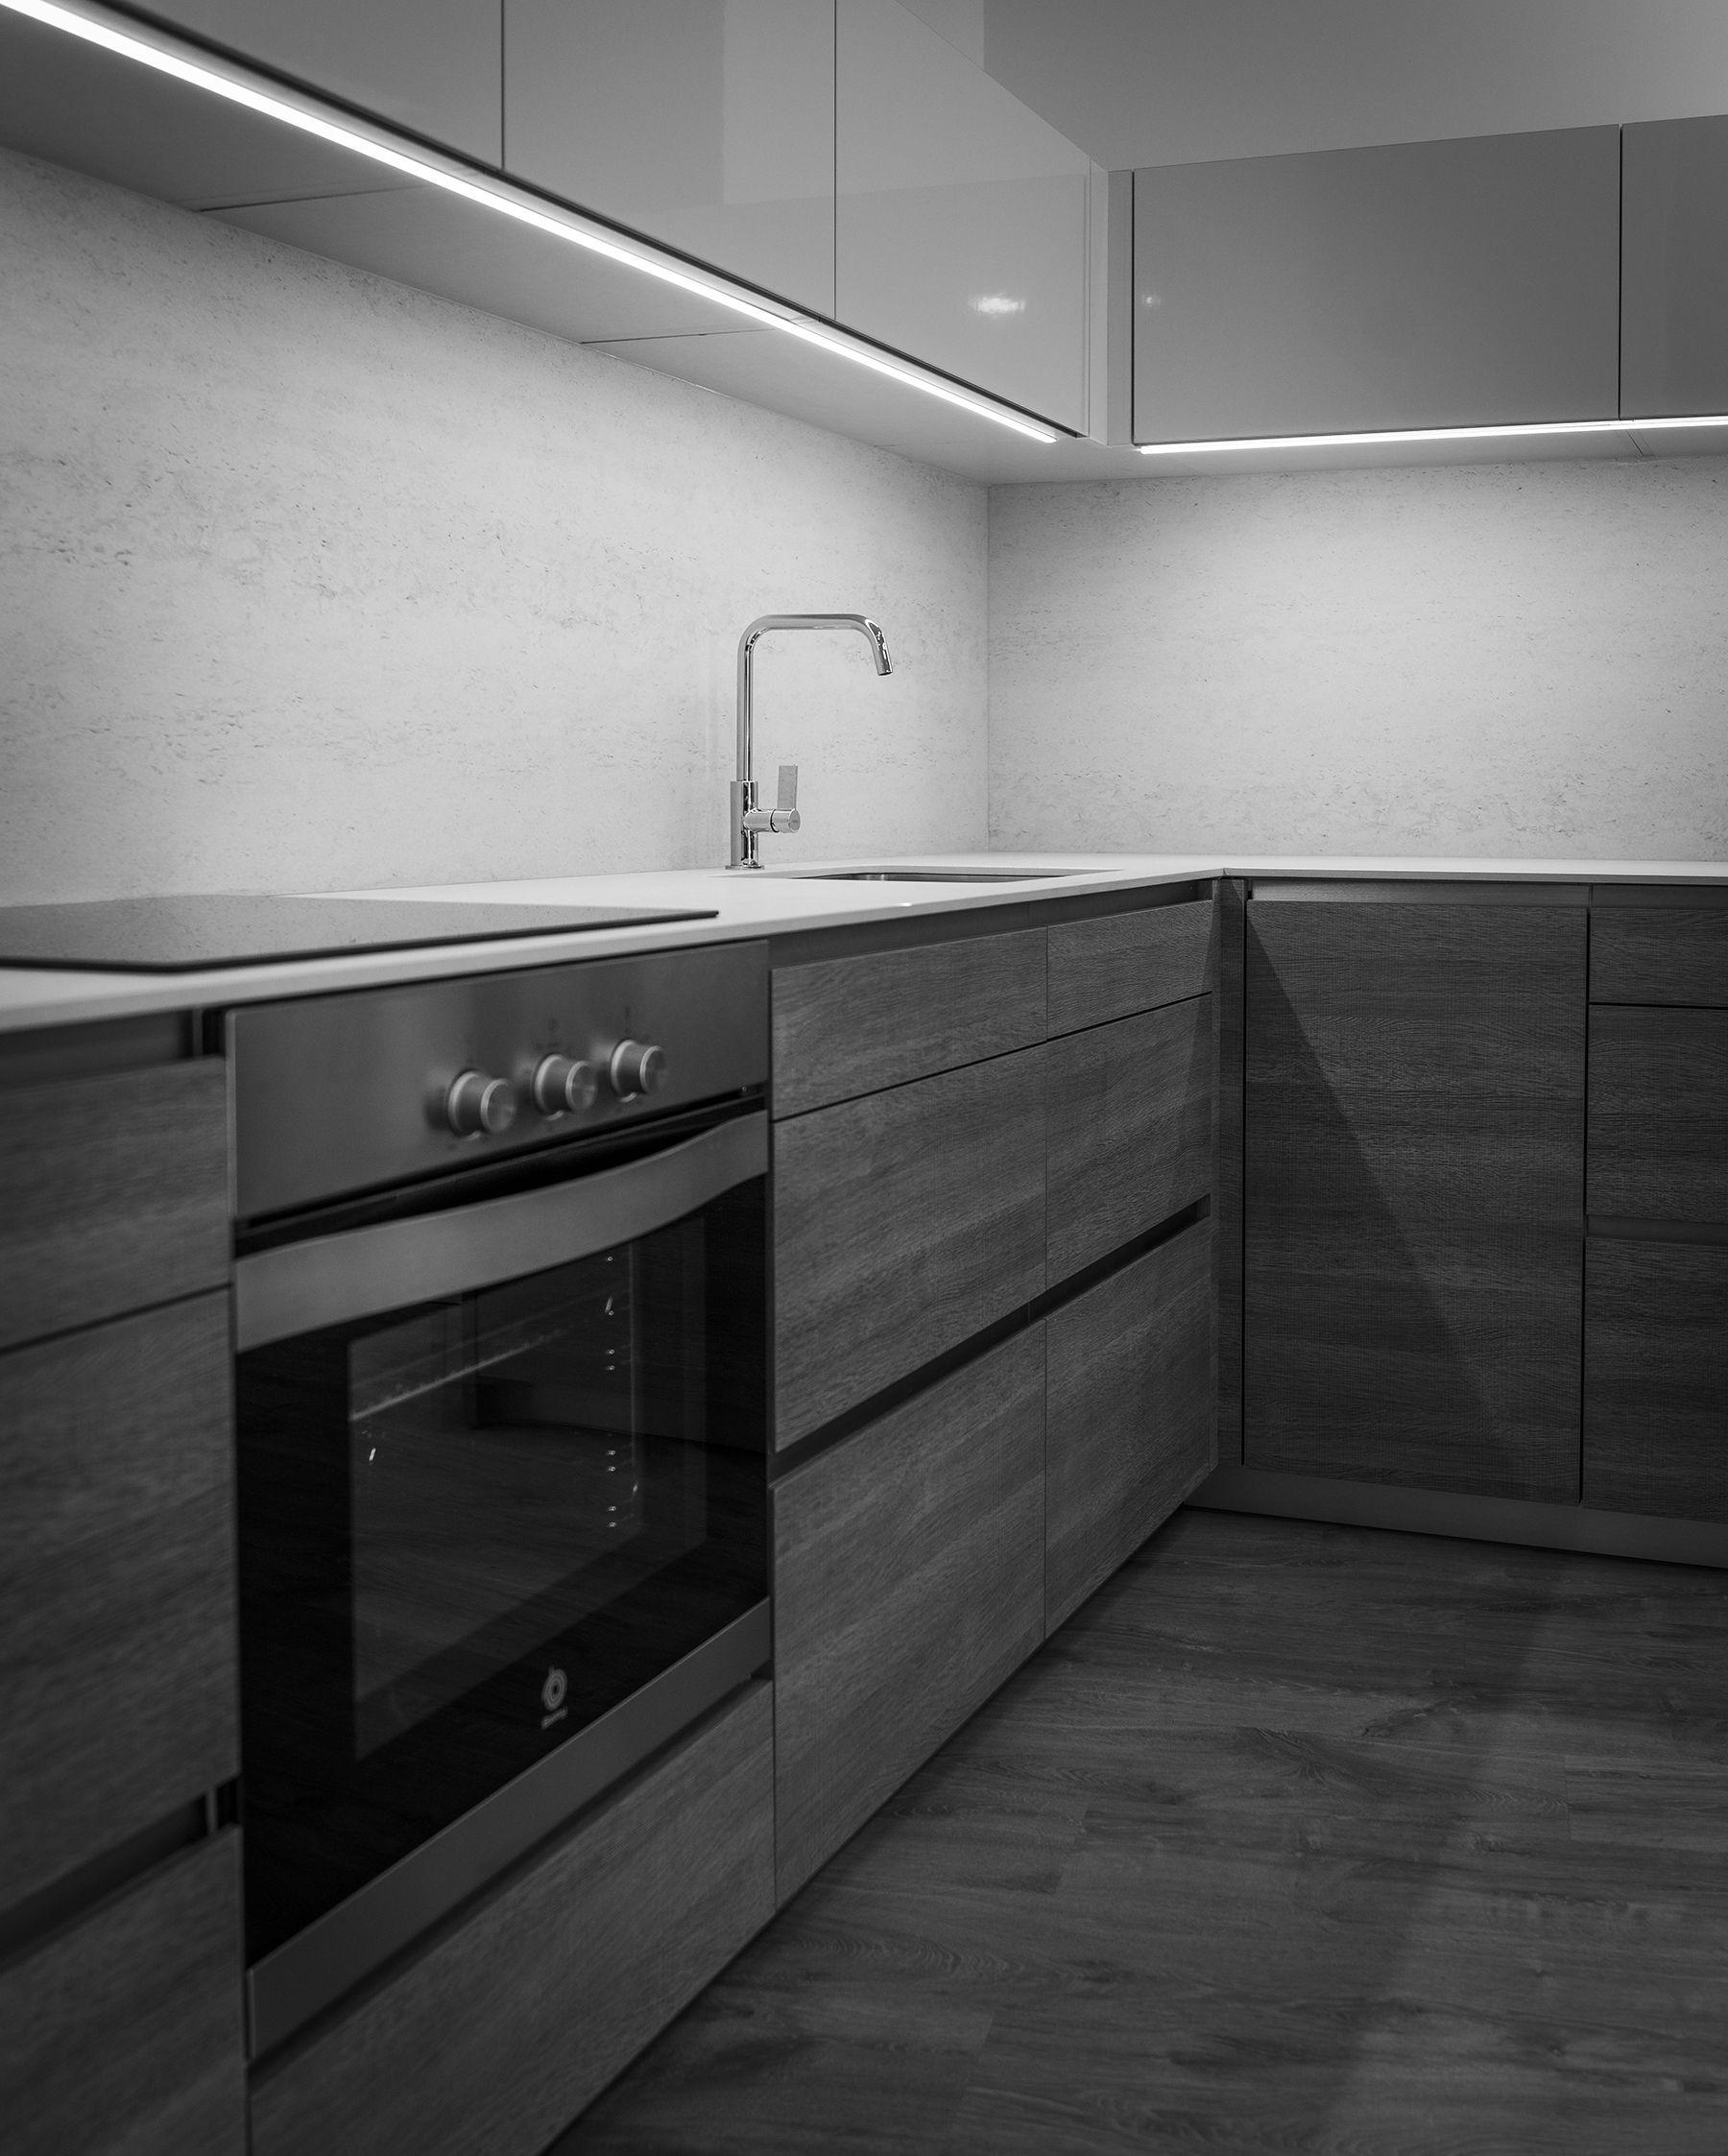 Cocina con muebles bajos en tranch y muebles altos con for Muebles altos y bajos de cocina